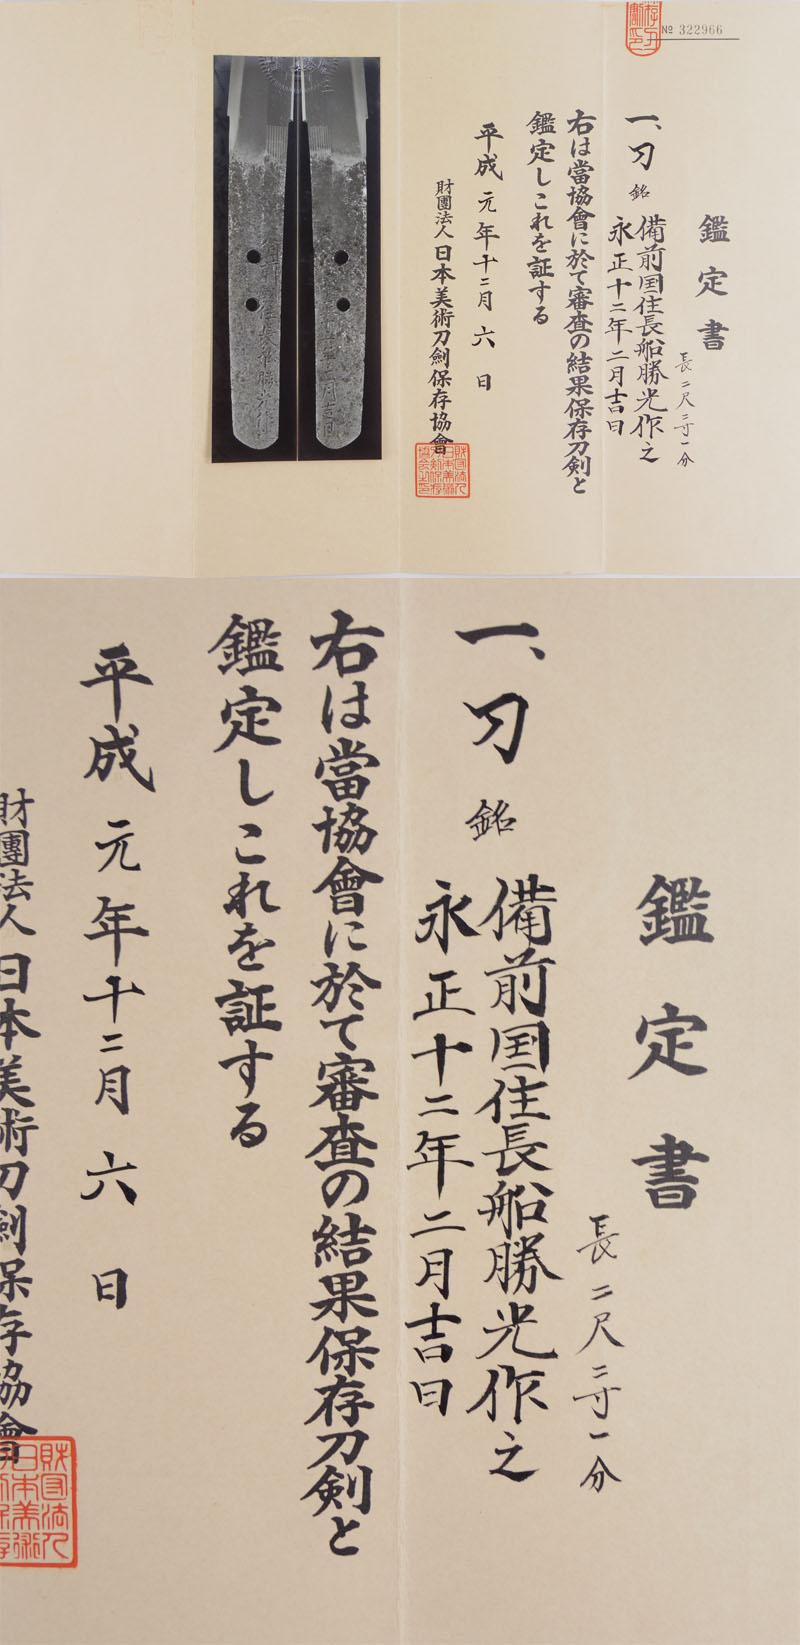 刀 備前国住長船勝光作之(五代)(次郎左衛門尉勝光)(大業物)  永正十二年二月吉日 Picture of Certificate